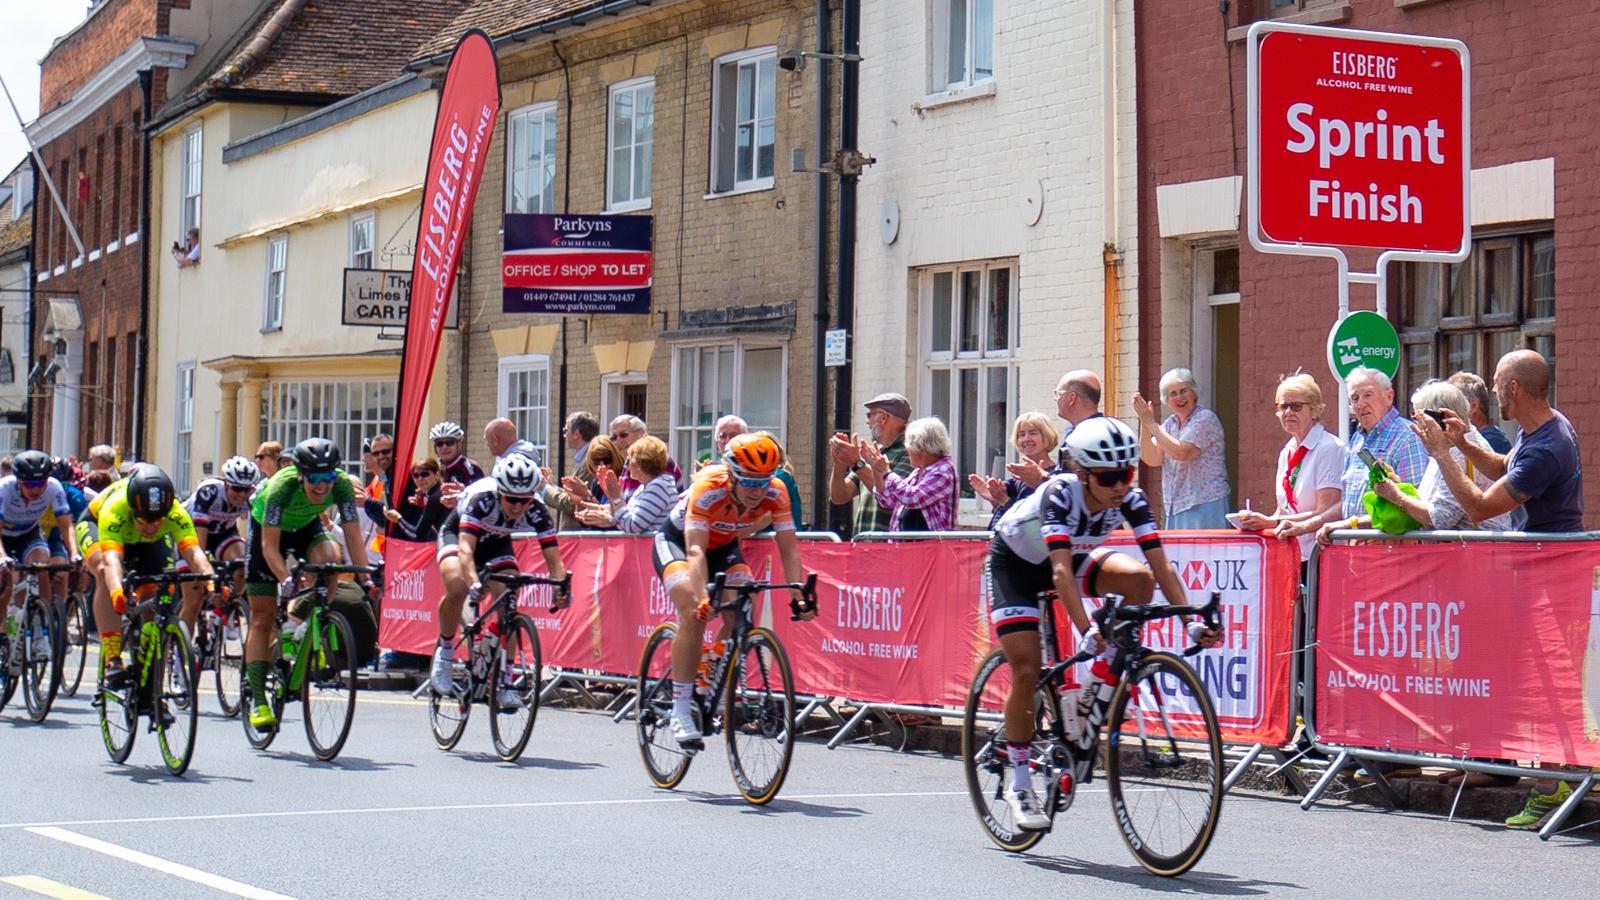 Suffolk Sprints QoM Women's Tour